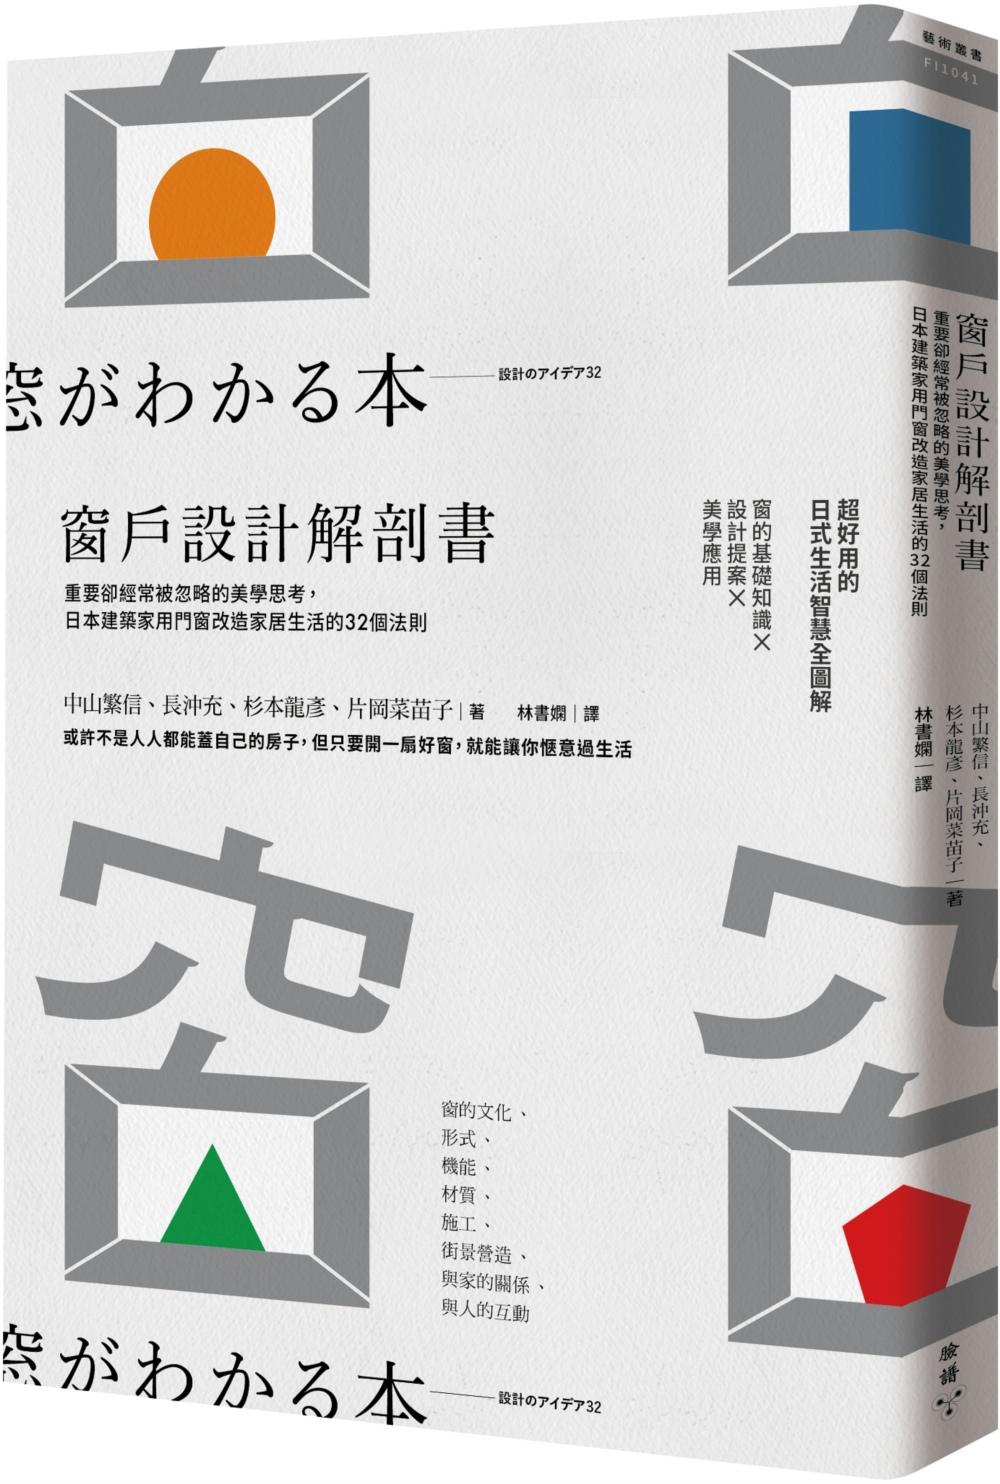 窗戶設計解剖書:重要卻經常被忽略的美學思考,日本建築家用門窗改造家居生活的32個法則